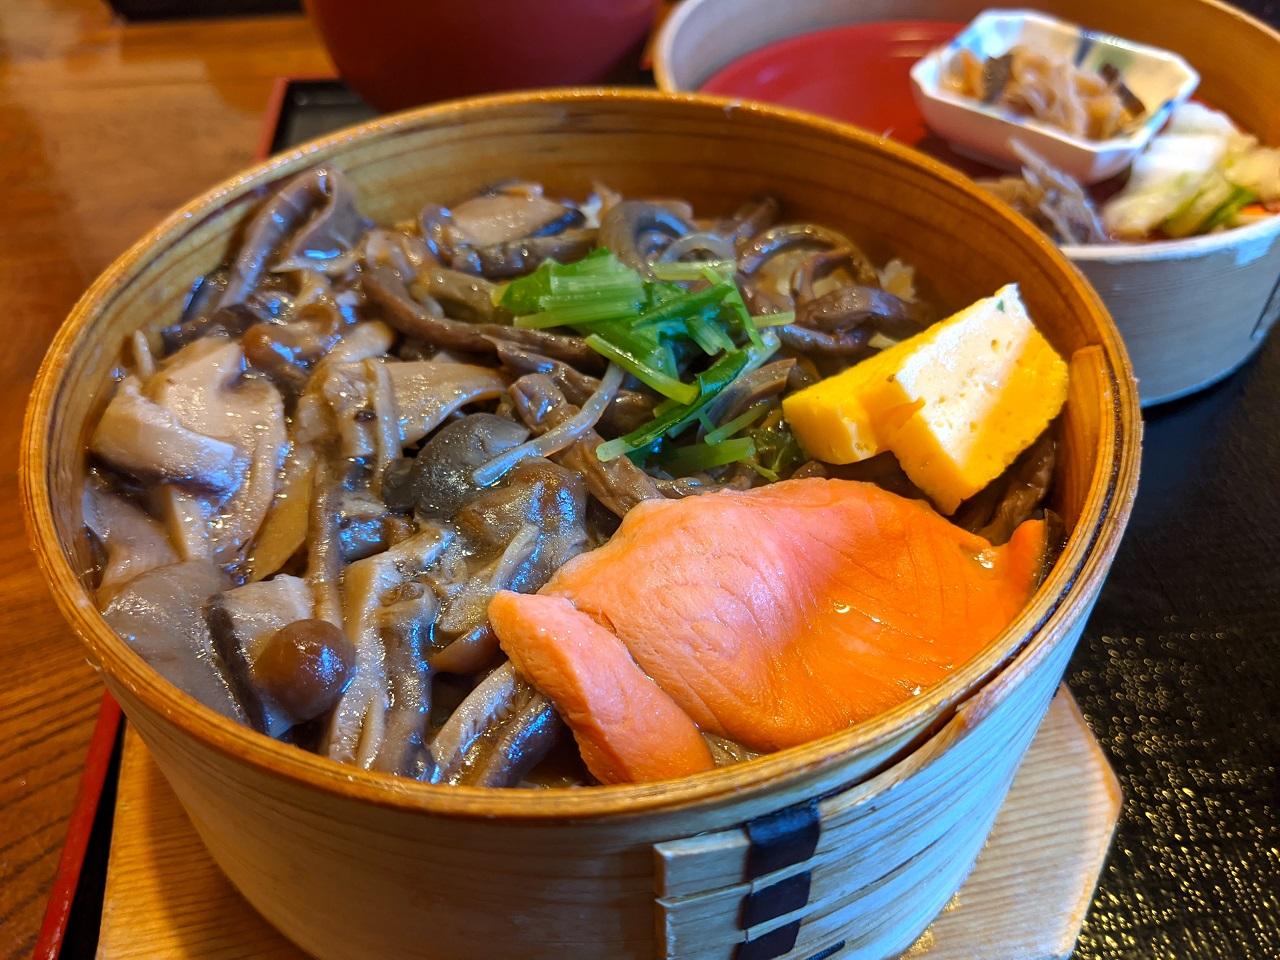 อาหารท้องถิ่น จังหวัดฟุกุชิมะ (Fukushima) - Wappameshi